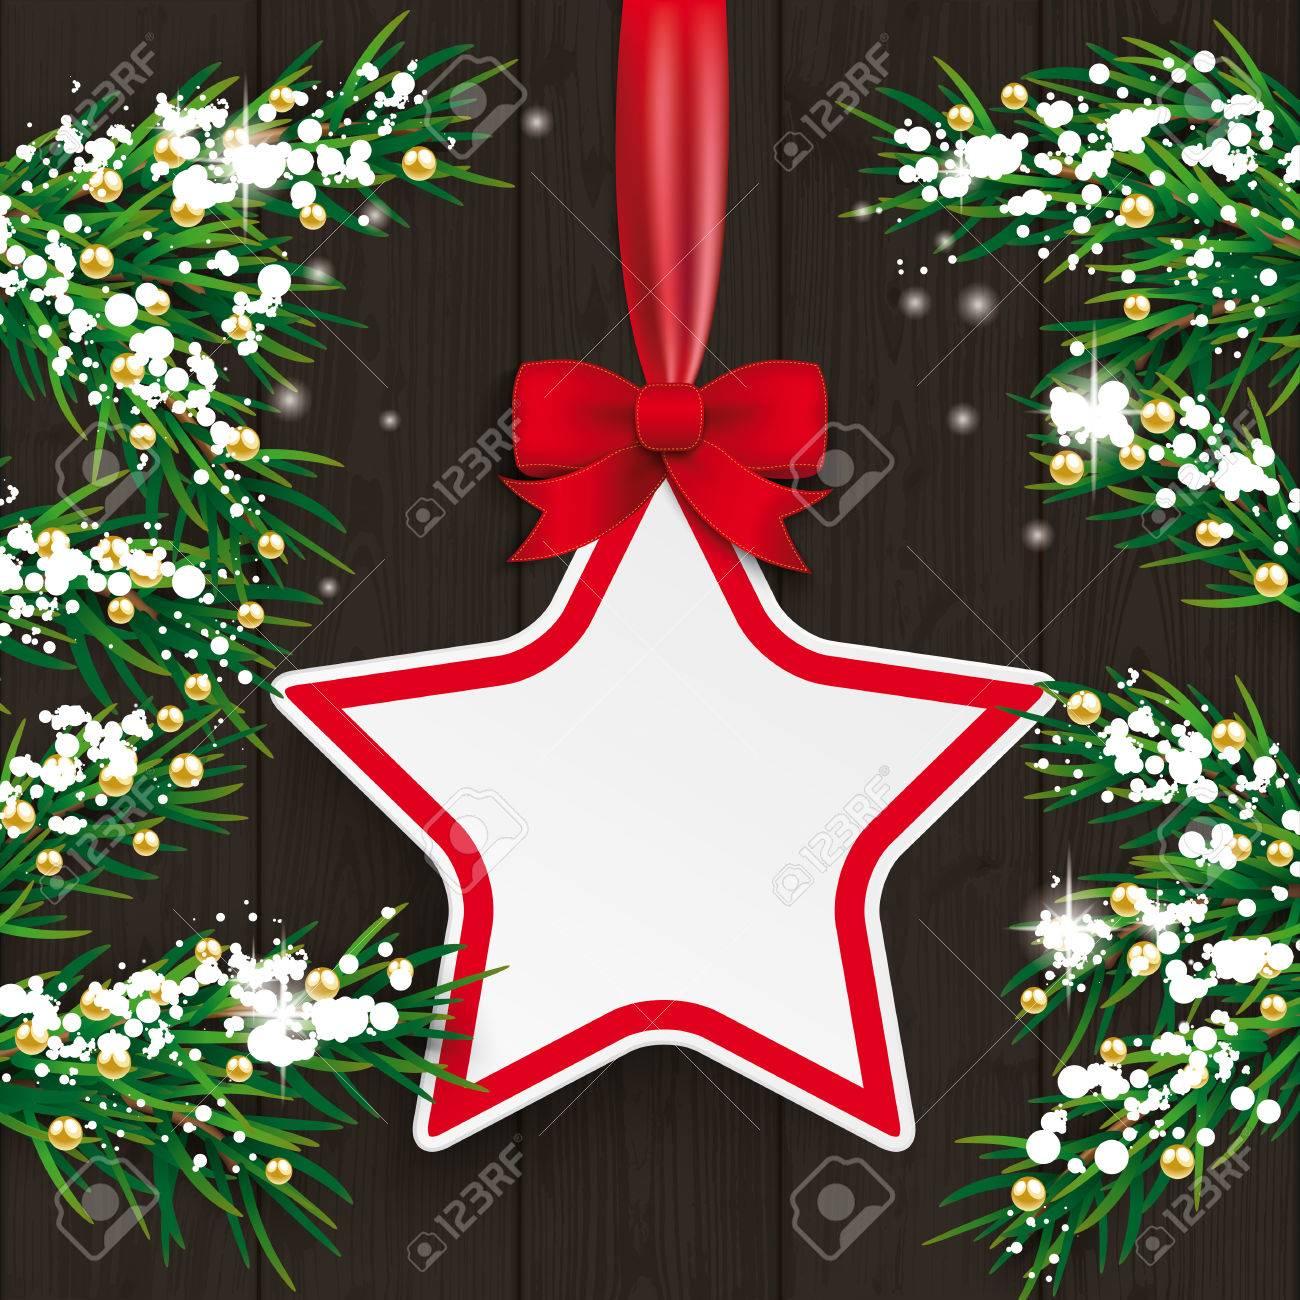 Prix Sapin De Noel.Brindilles De Sapin De Noël Avec étiquette De Prix Et De Neige Sur Le Fond En Bois Eps 10 Fichier Vectoriel